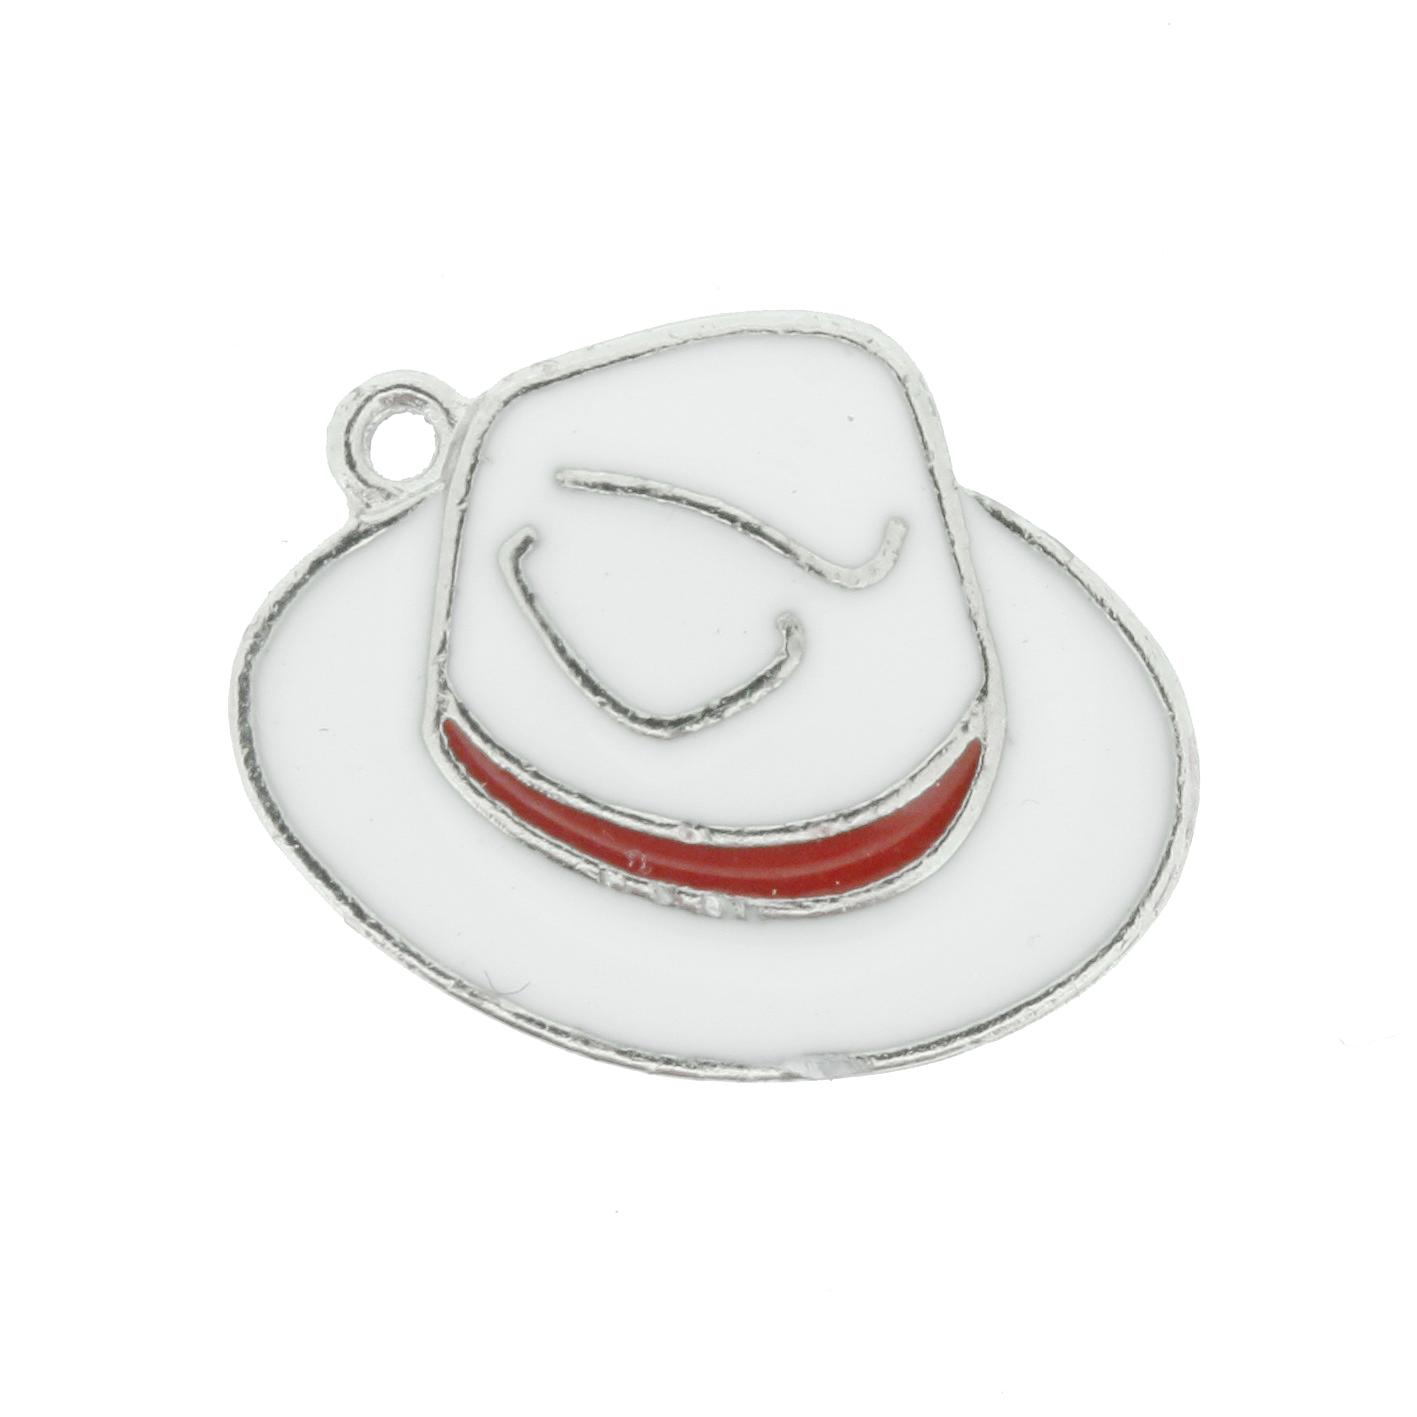 Chapéu Resinado Níquel - Branco e Vermelho - 16mm  - Universo Religioso® - Artigos de Umbanda e Candomblé